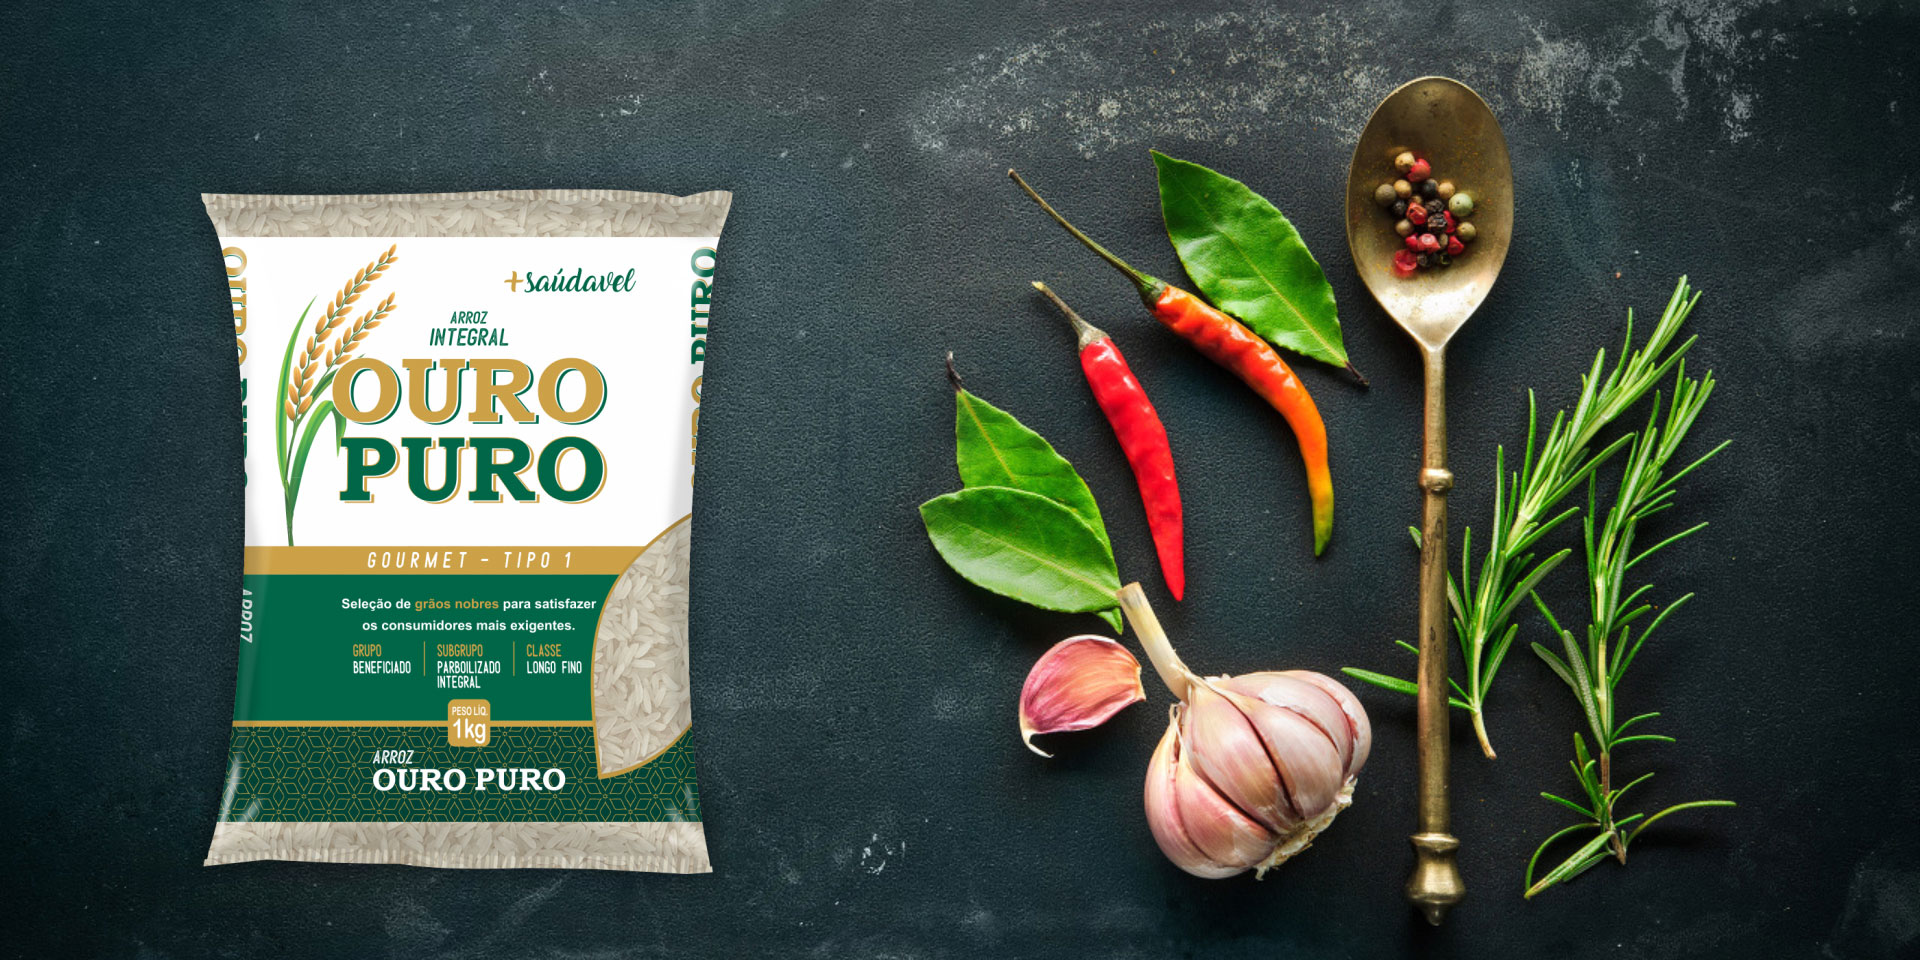 Imagem de fundo mostra as embalagens do arroz Integral Ouro Puro, pimentas, alho e uma colher